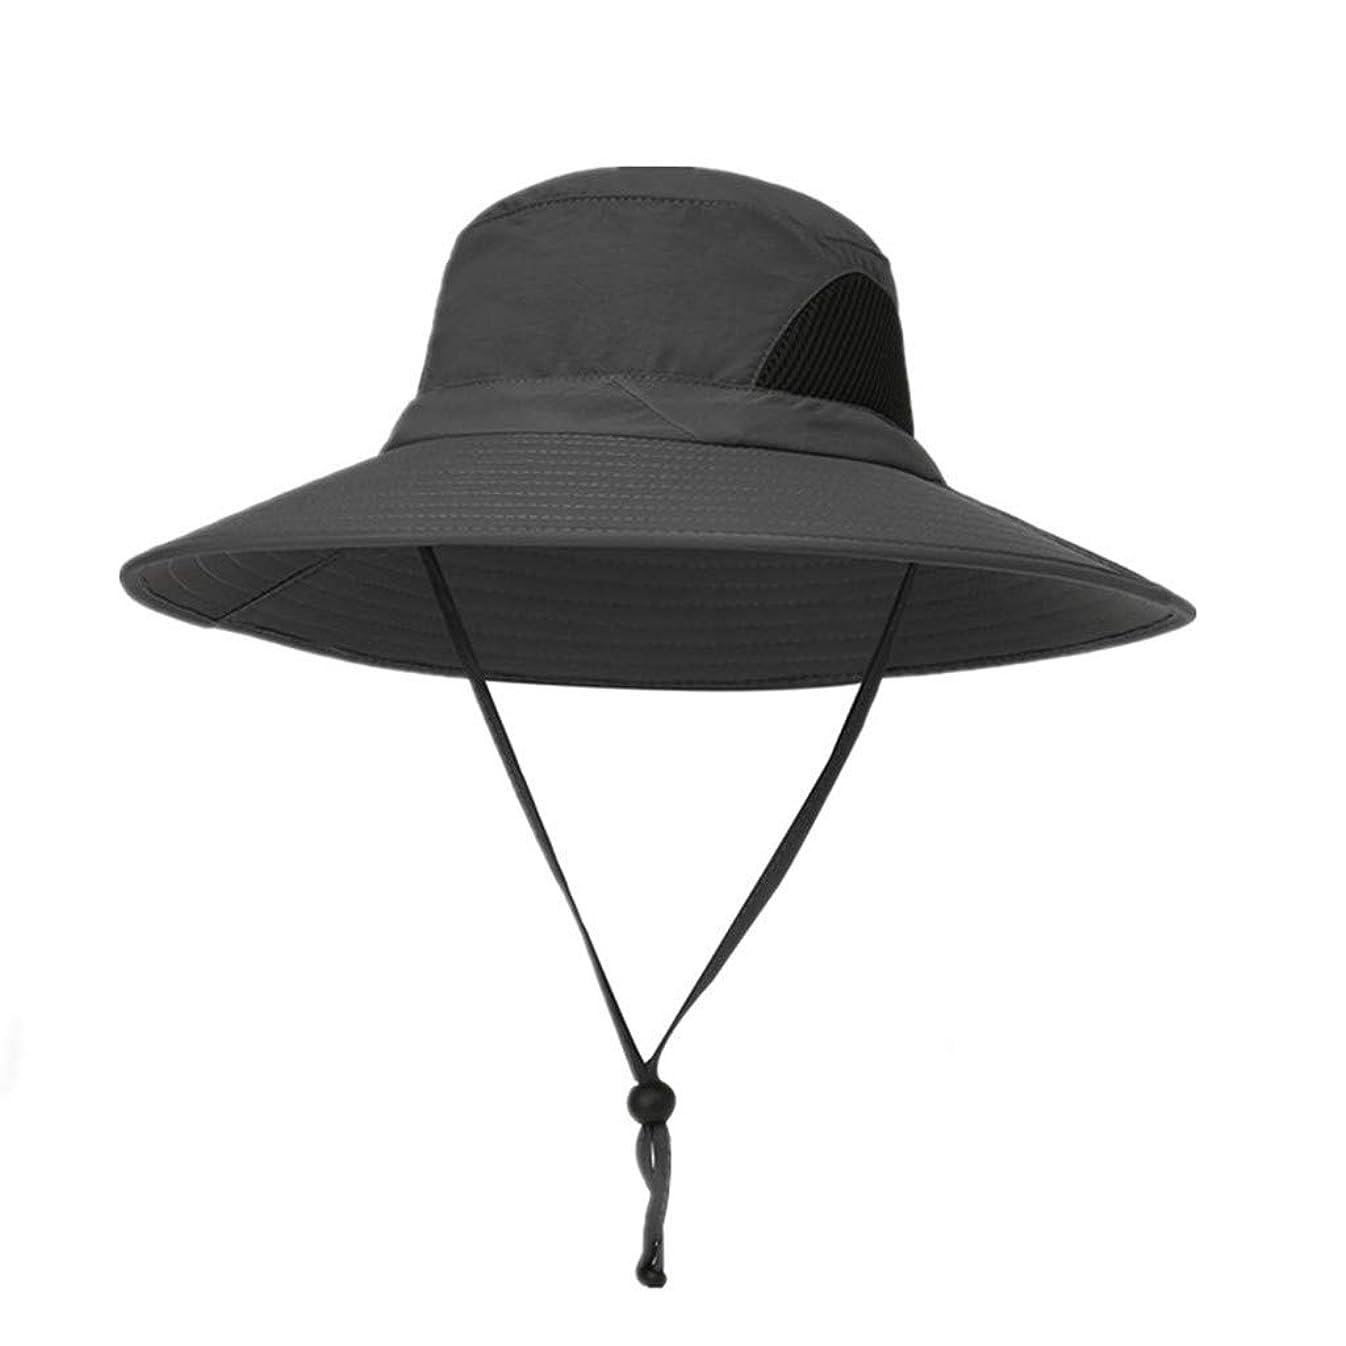 穀物豊富にアミューズROSE ROMAN - 日よけ帽子 uvカット ビッグバイザー 紫外線防止 あごひも付き 強風でも安心 折りたたみ 軽量 持ち運びに便利 取り外すあご紐 つば広 りたたみ サイズ調節可 旅行 自転車 アウトドア 男女兼用